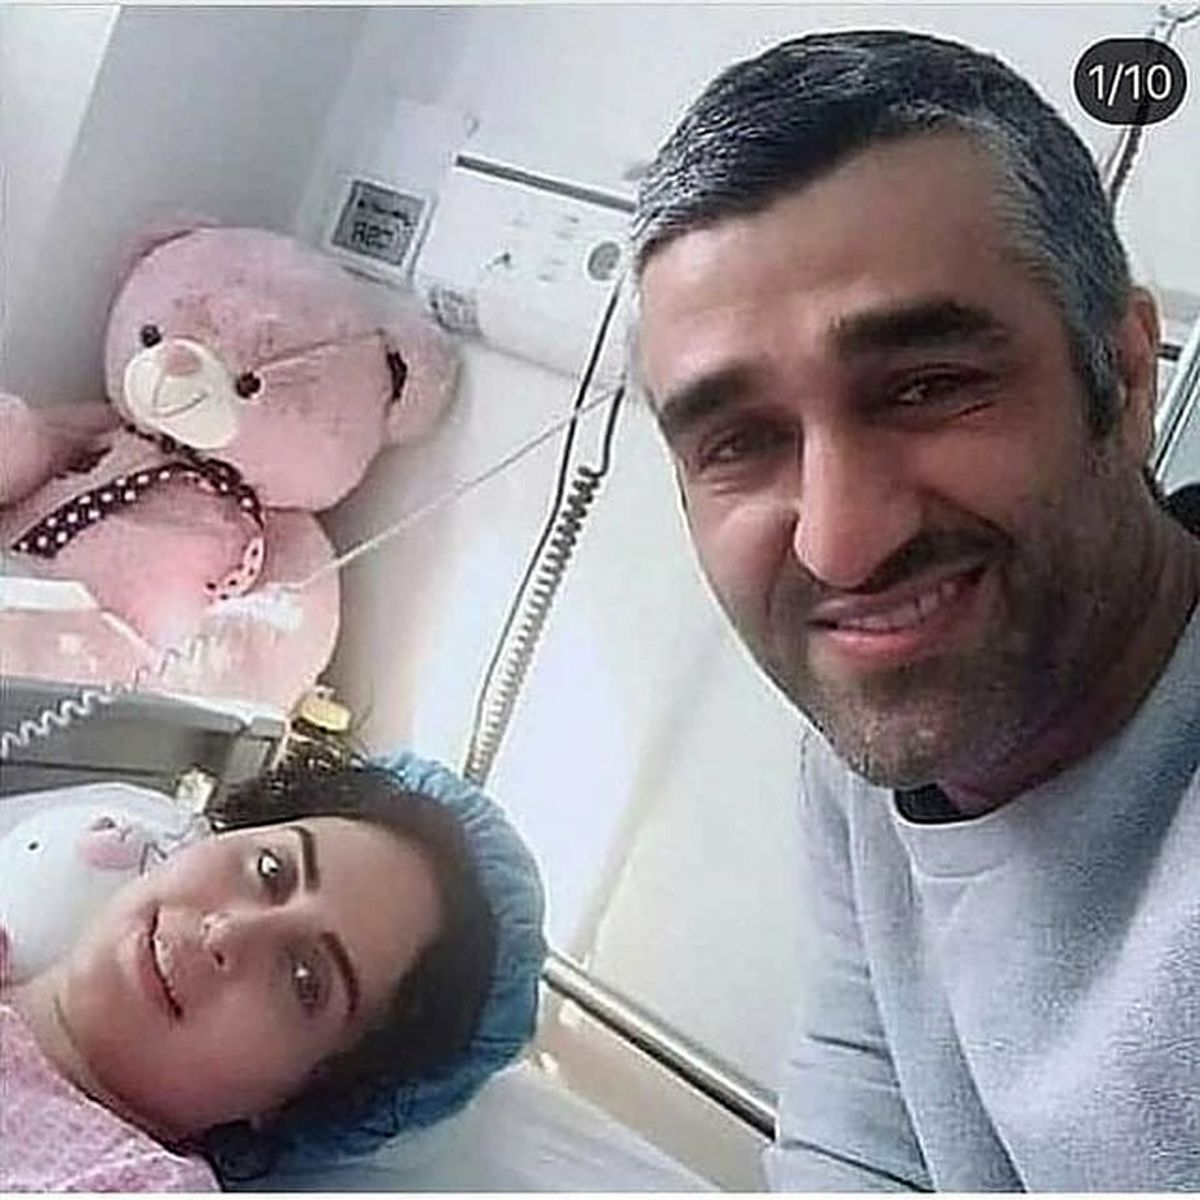 عکس ناجور الناز شاکردوست و پژمان جمشیدی روی تخت !